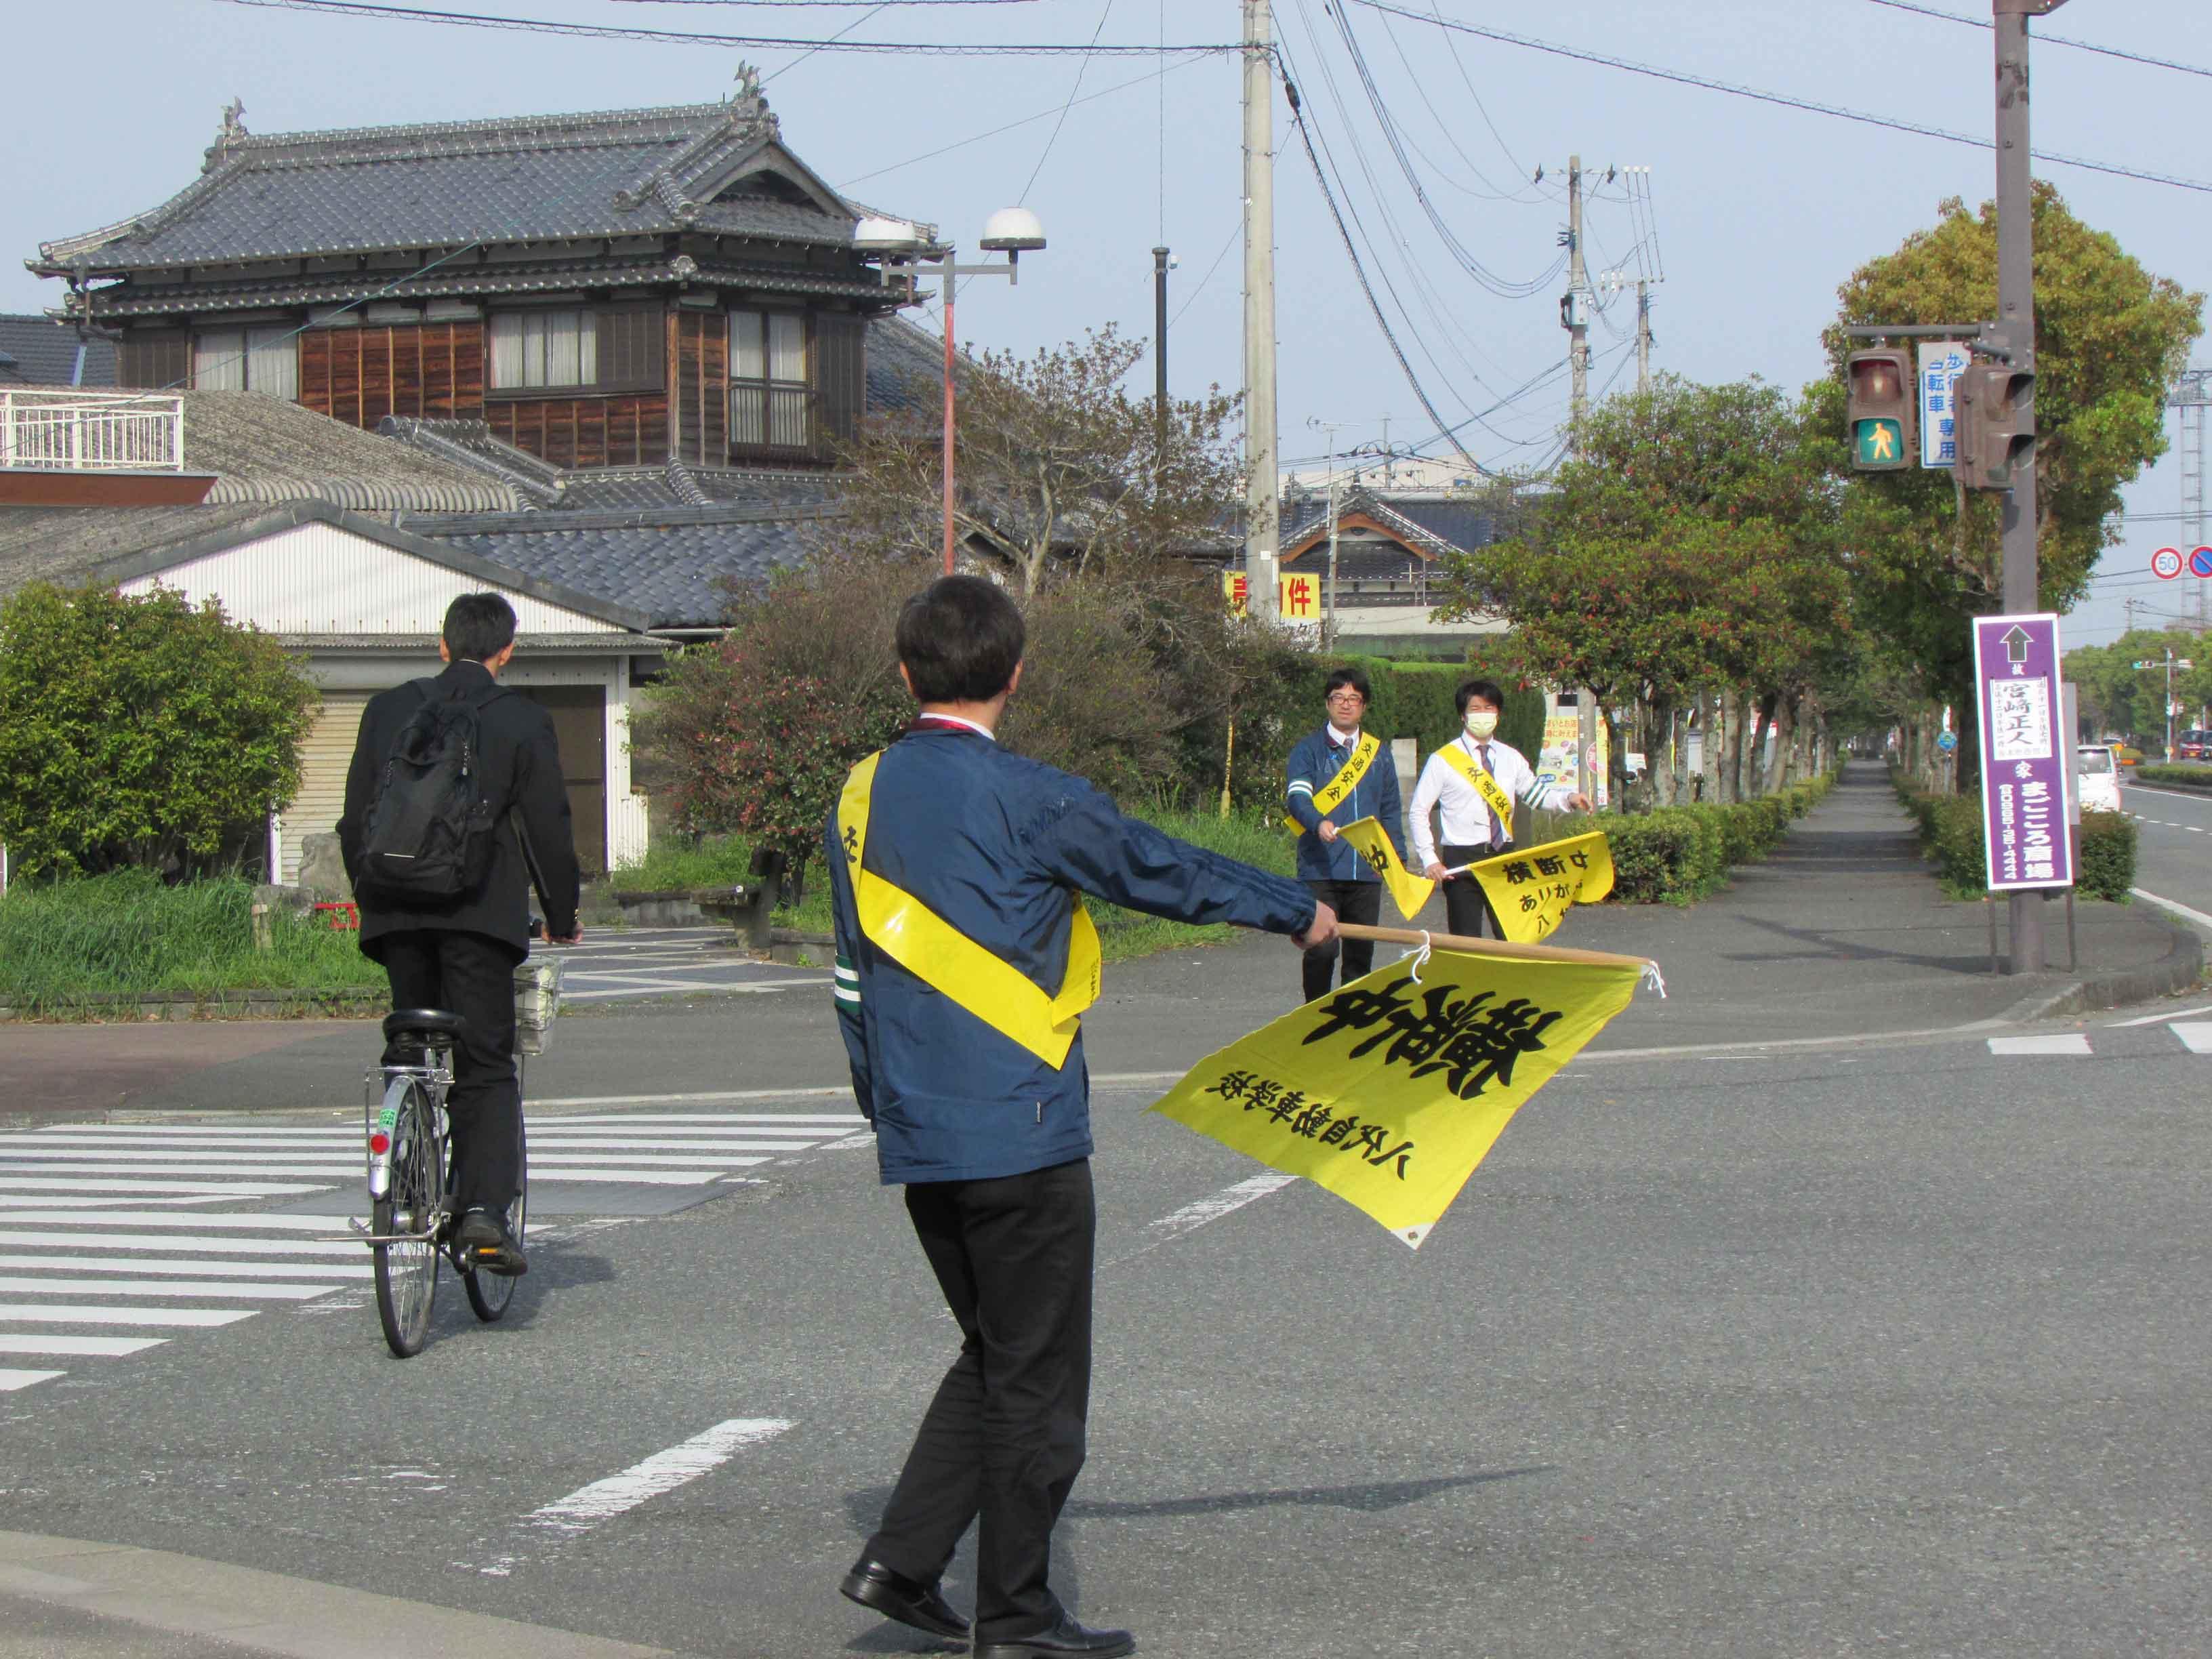 自転車の 自転車 安全講習 14 : 春の全国交通安全運動中 | CAT ...